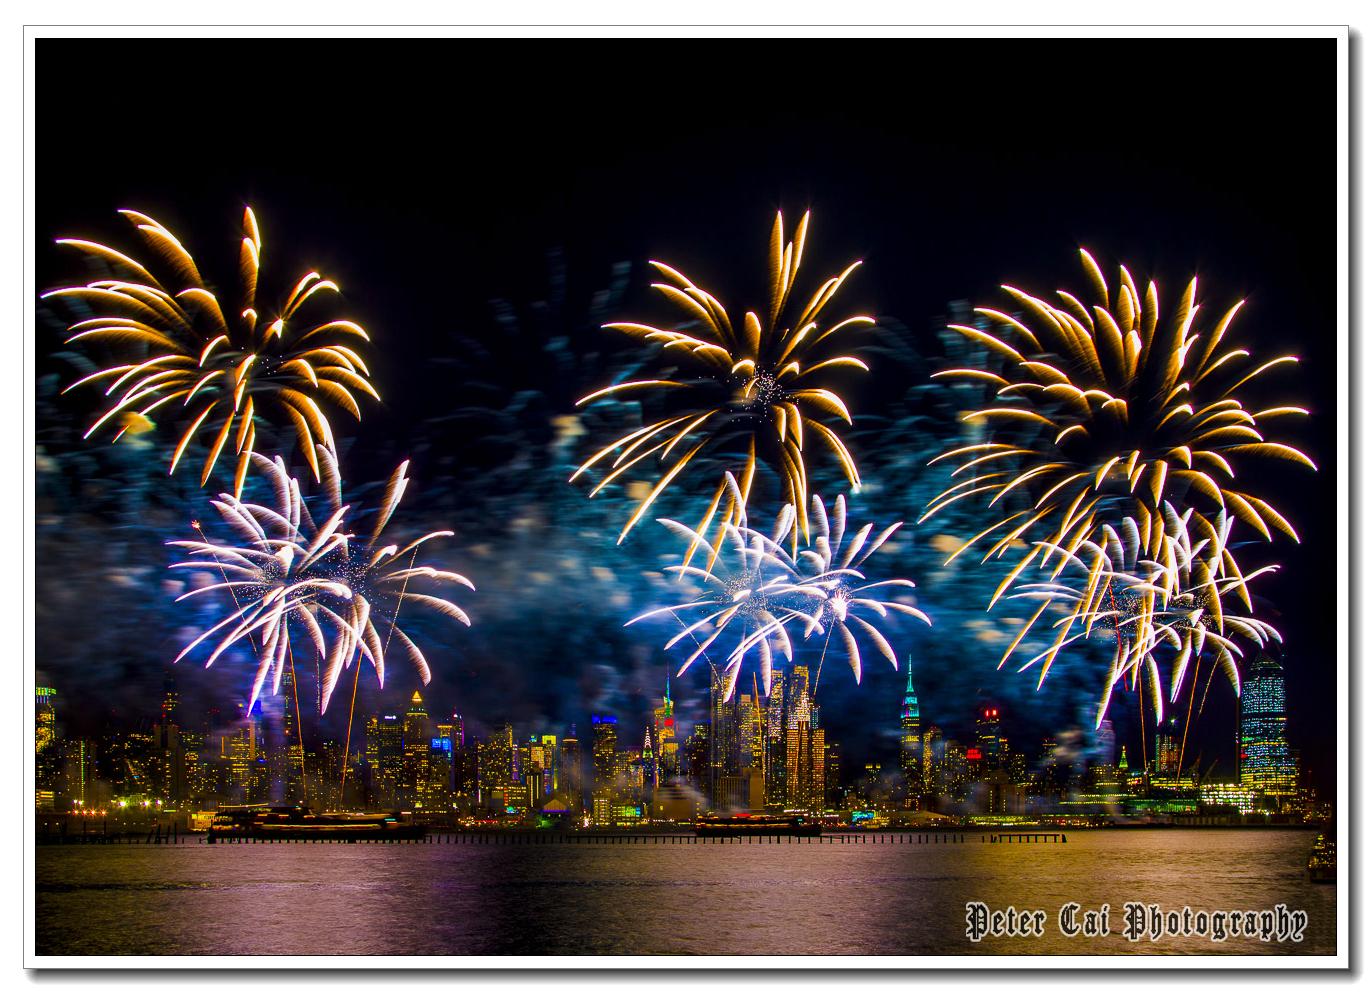 昨晚纽约施放焰火来庆祝中国猴年_图1-5